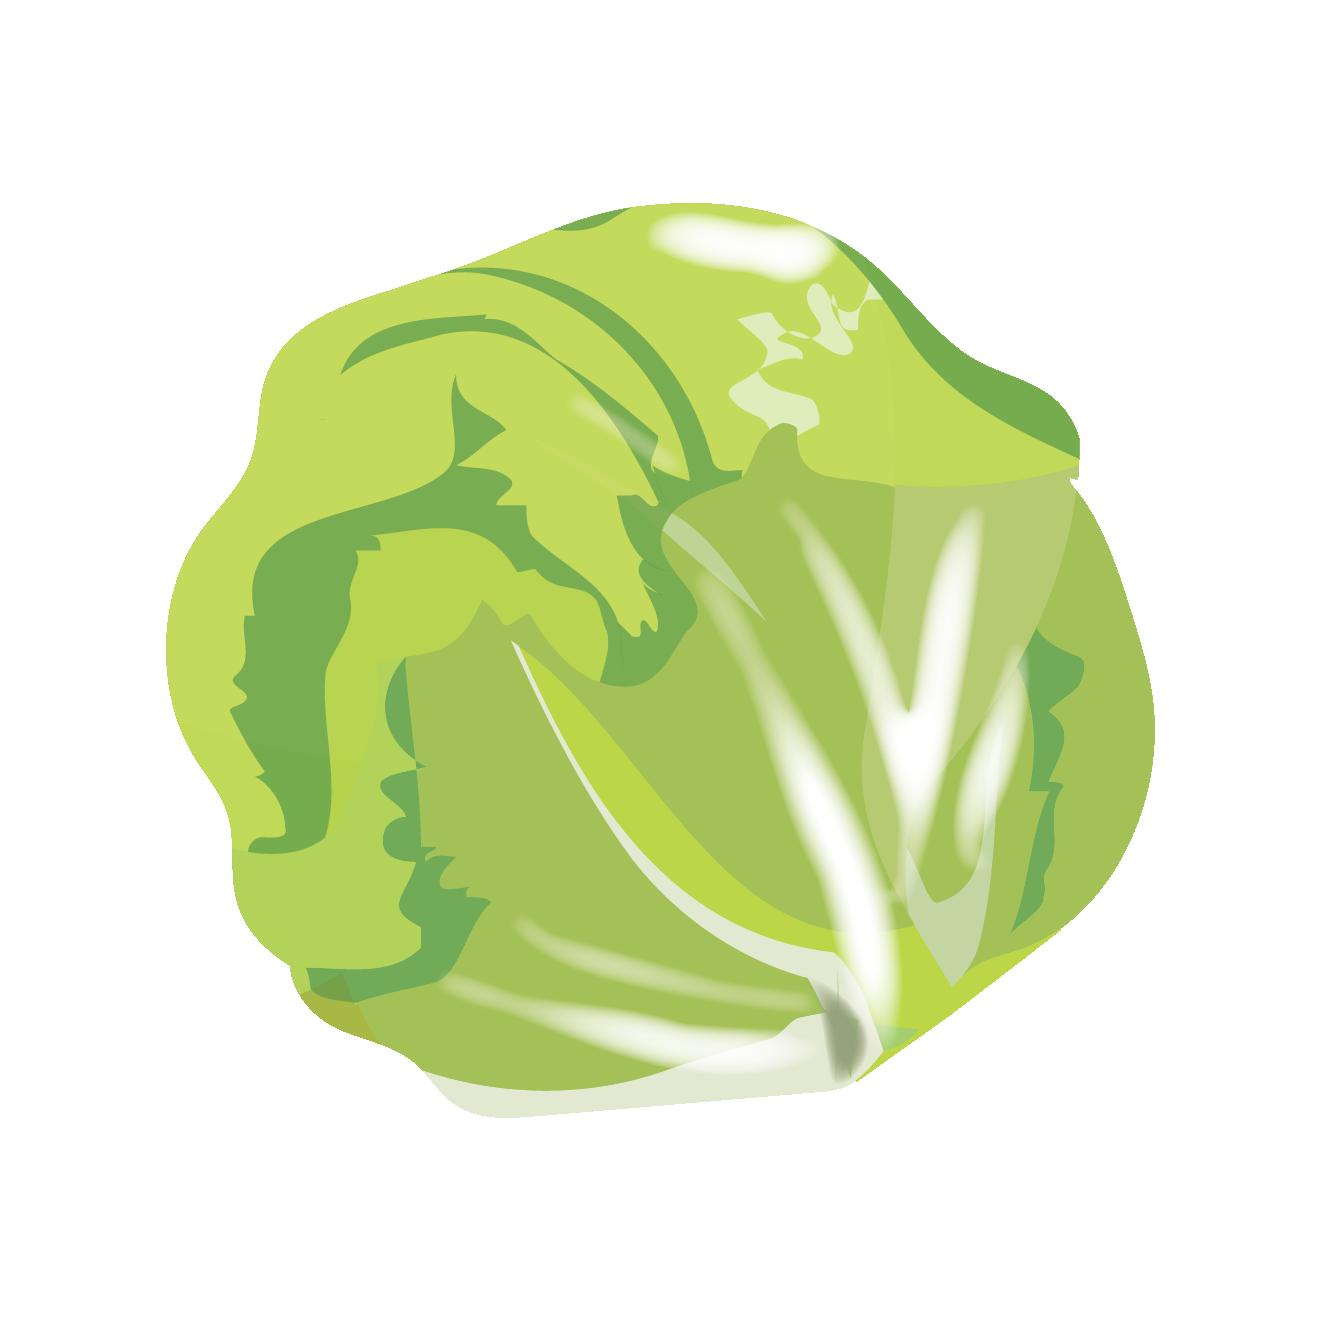 新鮮な丸ごと「レタス」のイラスト 【野菜】 | 商用フリー(無料)の